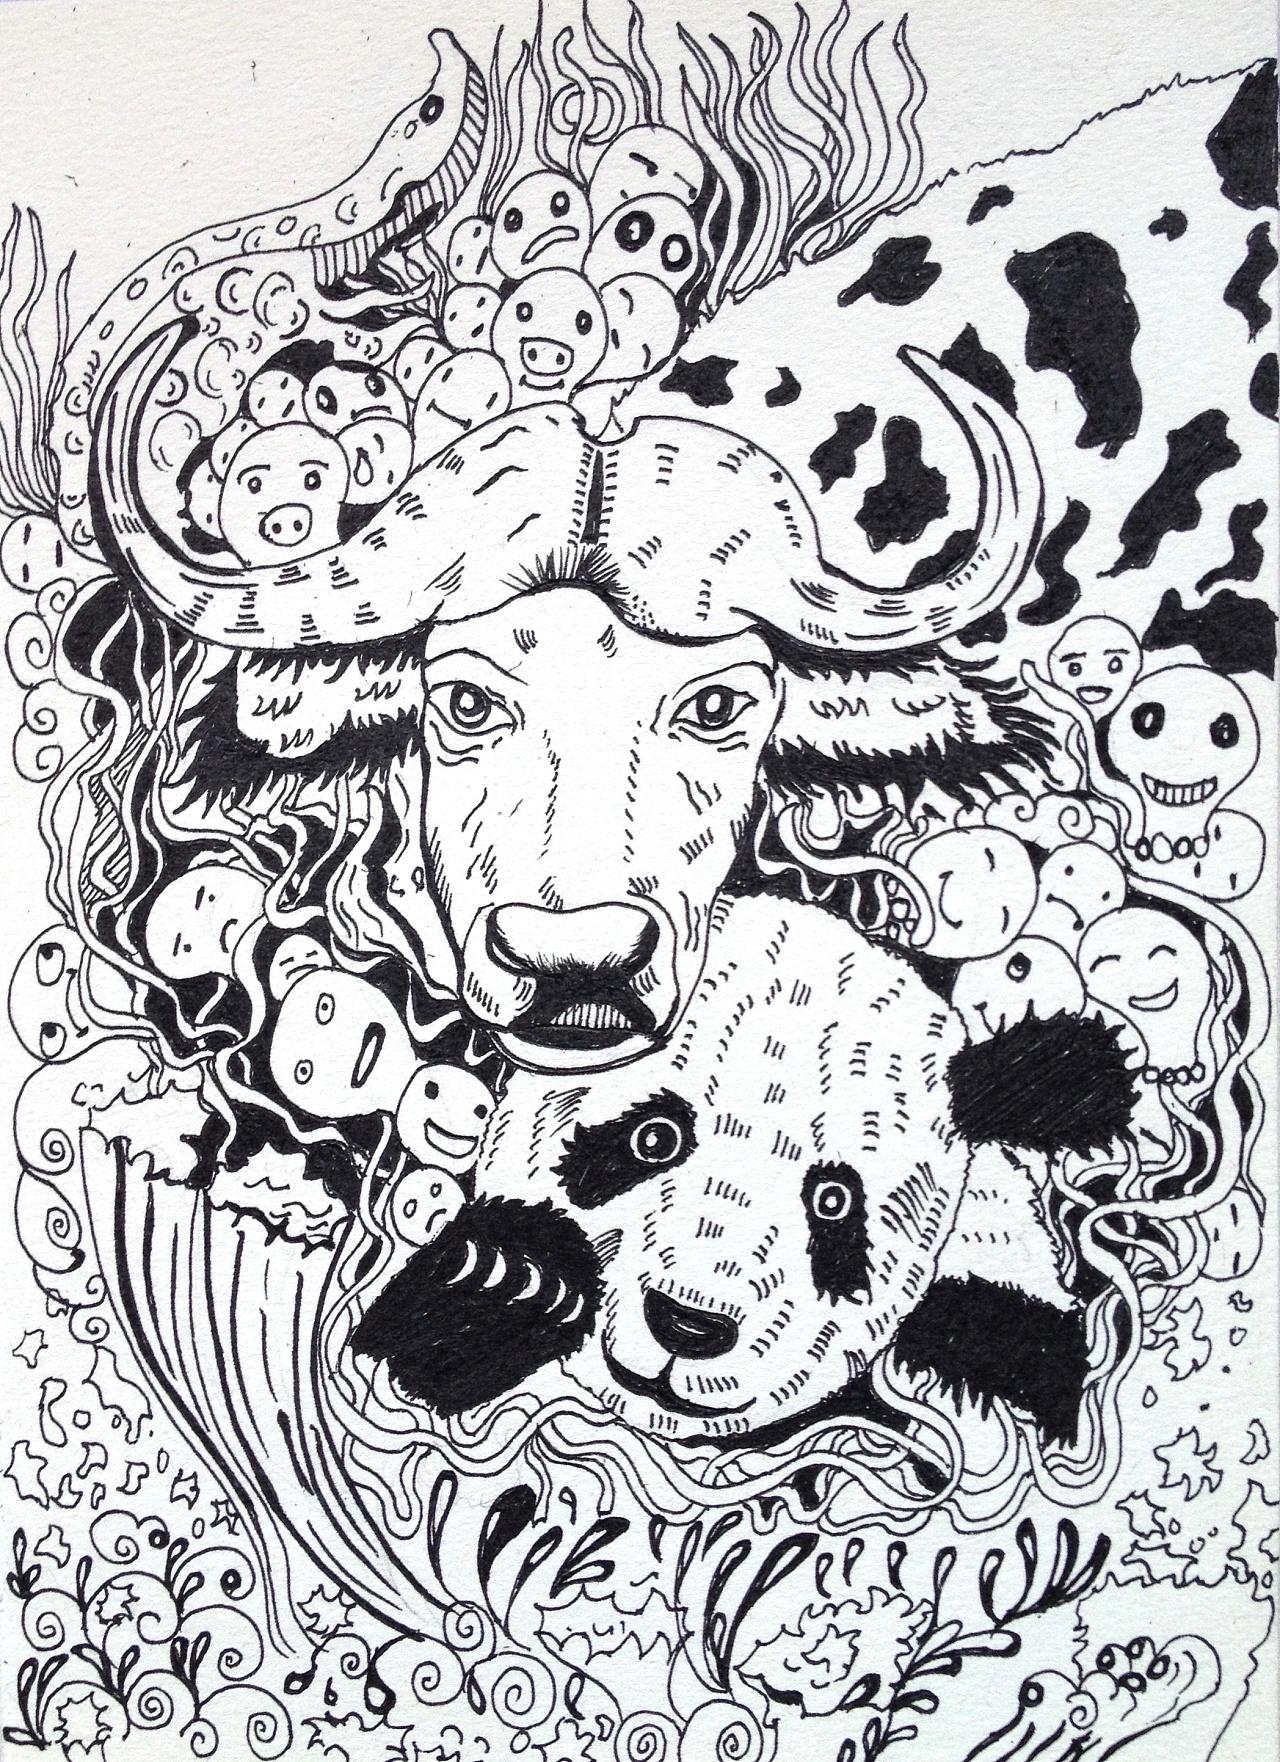 黑白手绘插画